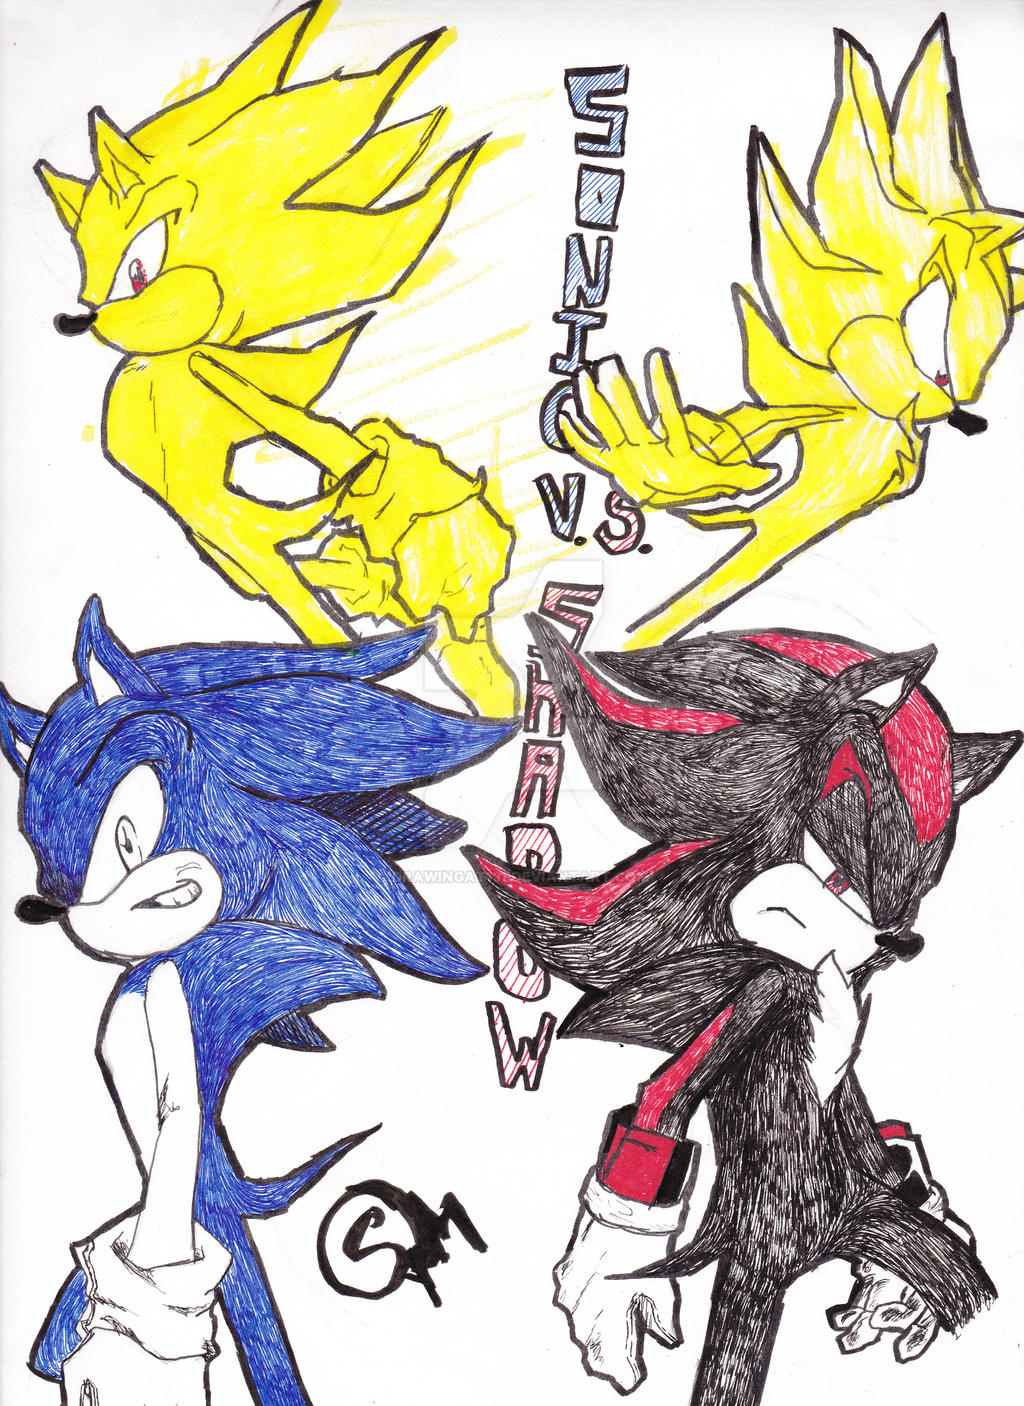 Sonic vs Shadow Fanart by drawingat131 on DeviantArt